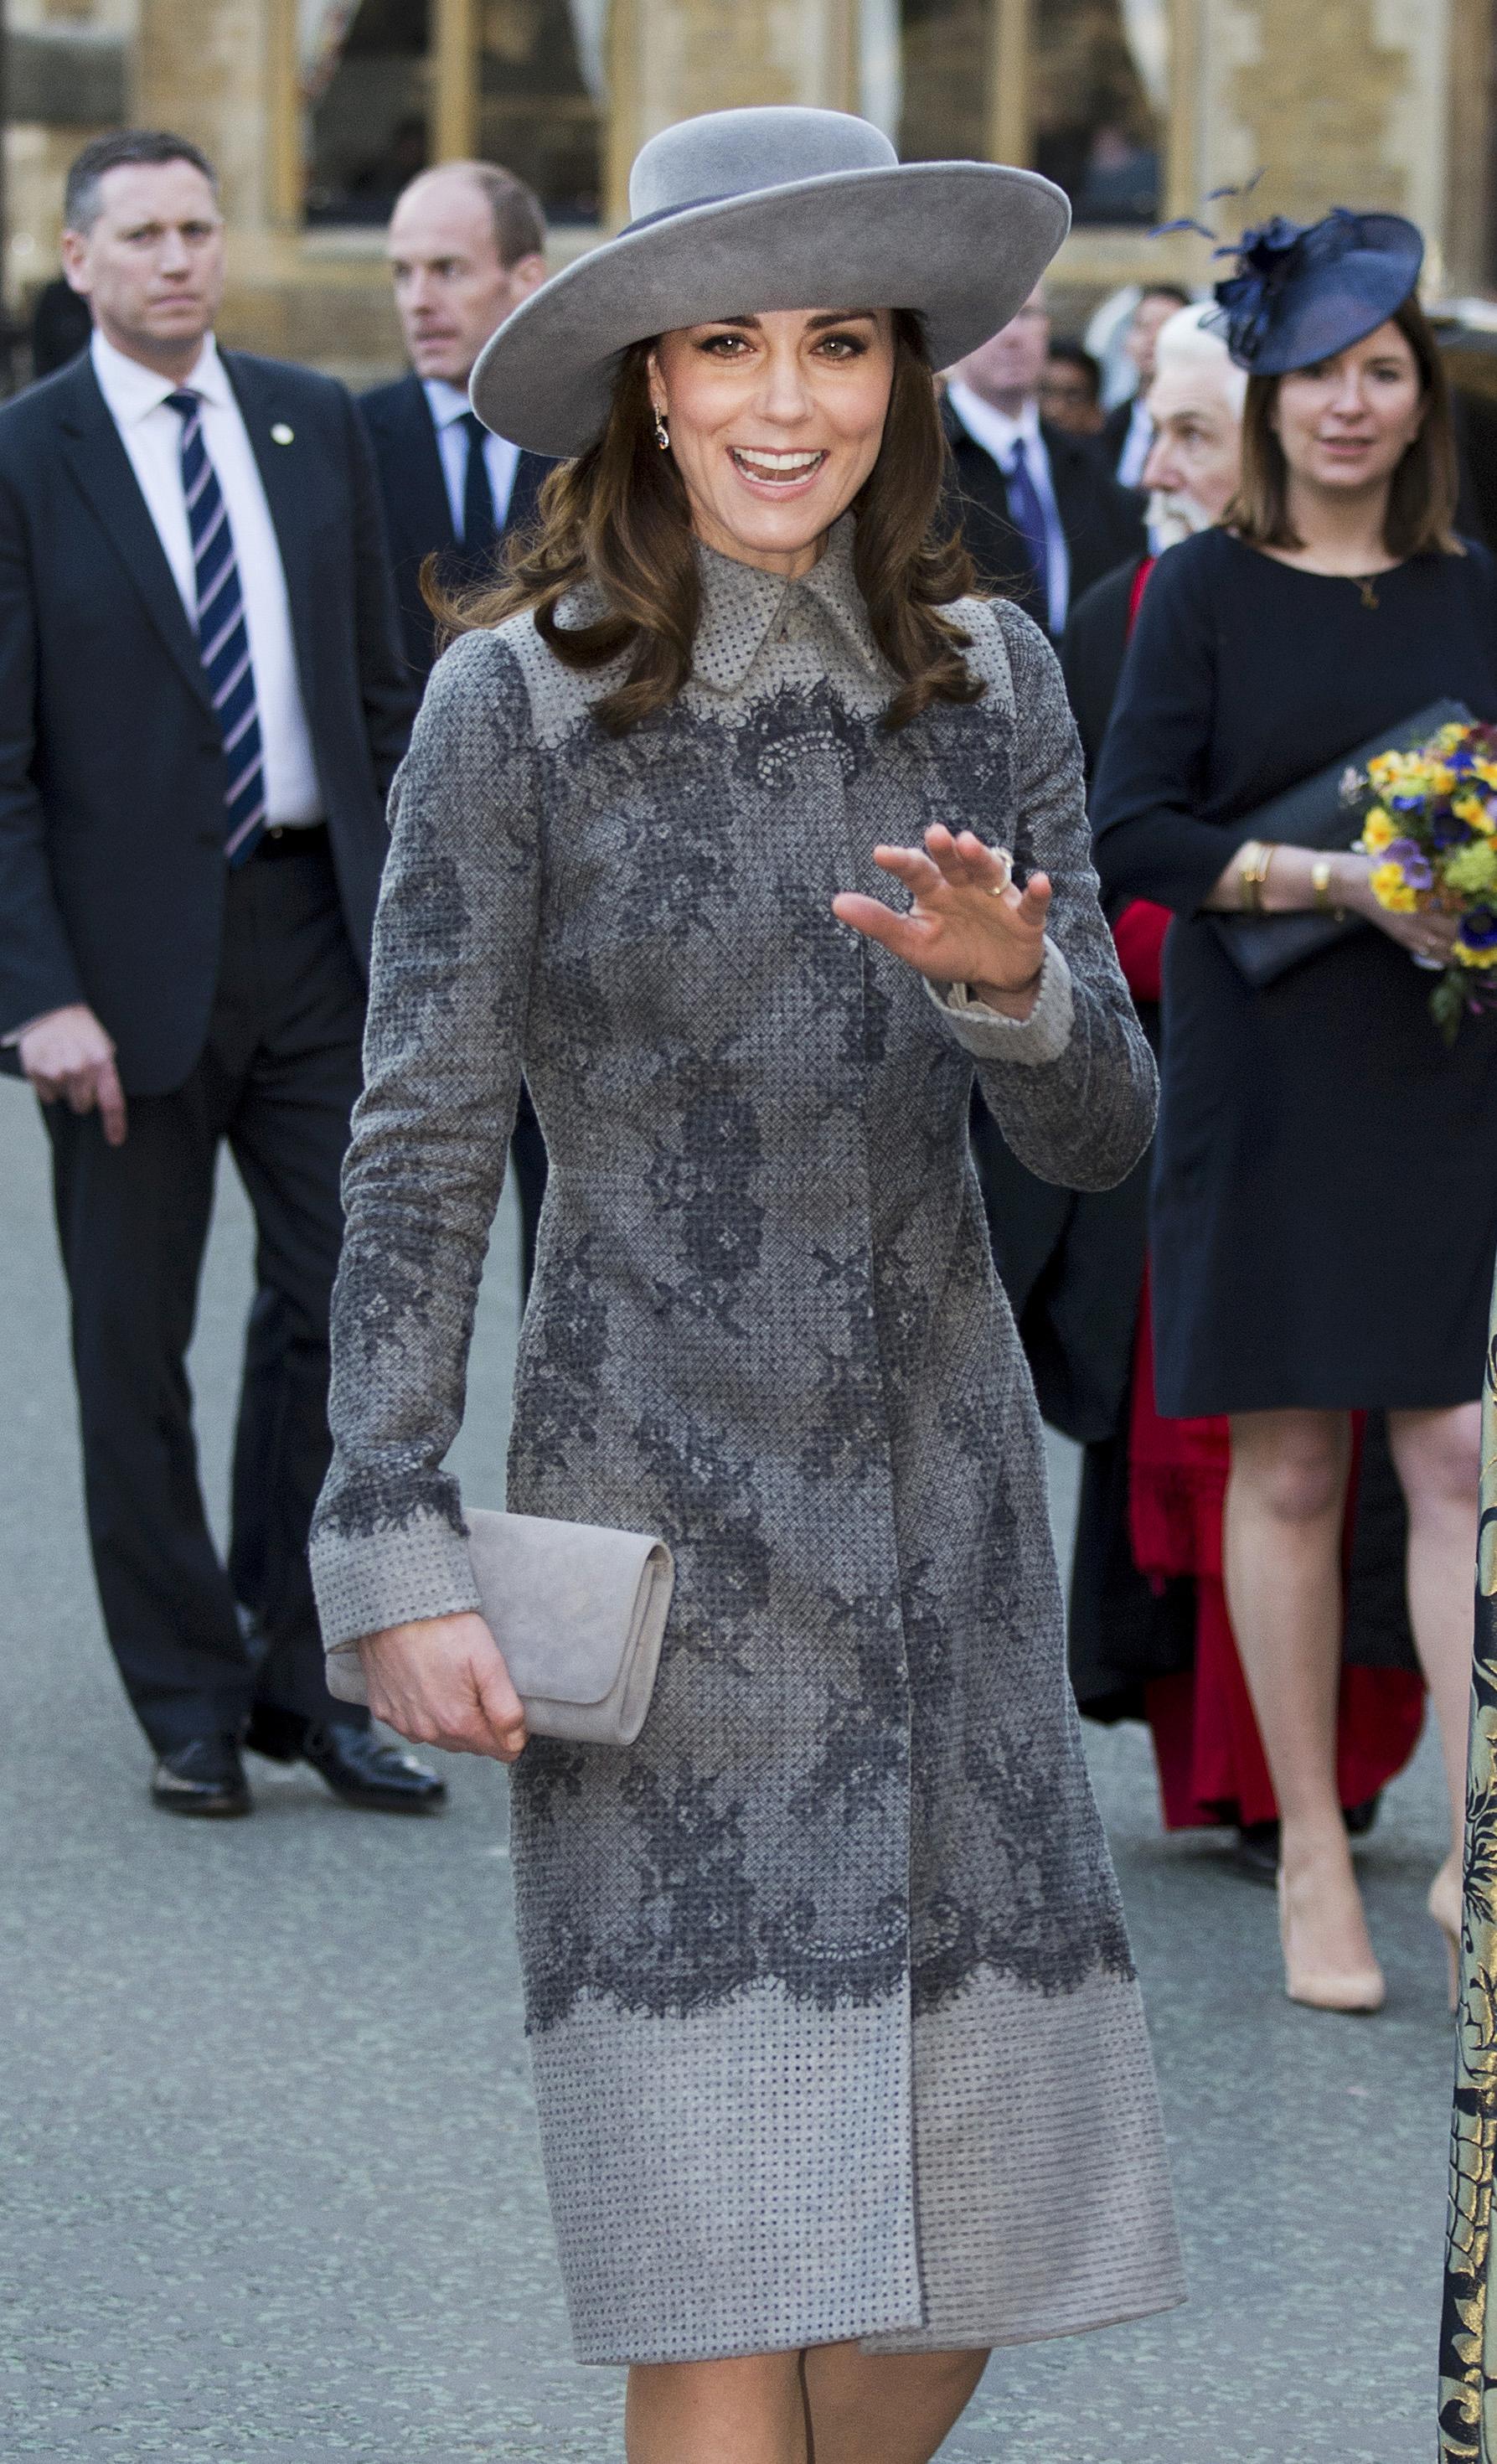 Принцесса нарядилась в  серое пальто с черным кружевом (как выяснили британские таблоиды, оно стоит 2,5 тысячи фунтов стерлингов). Фото: REUTERS